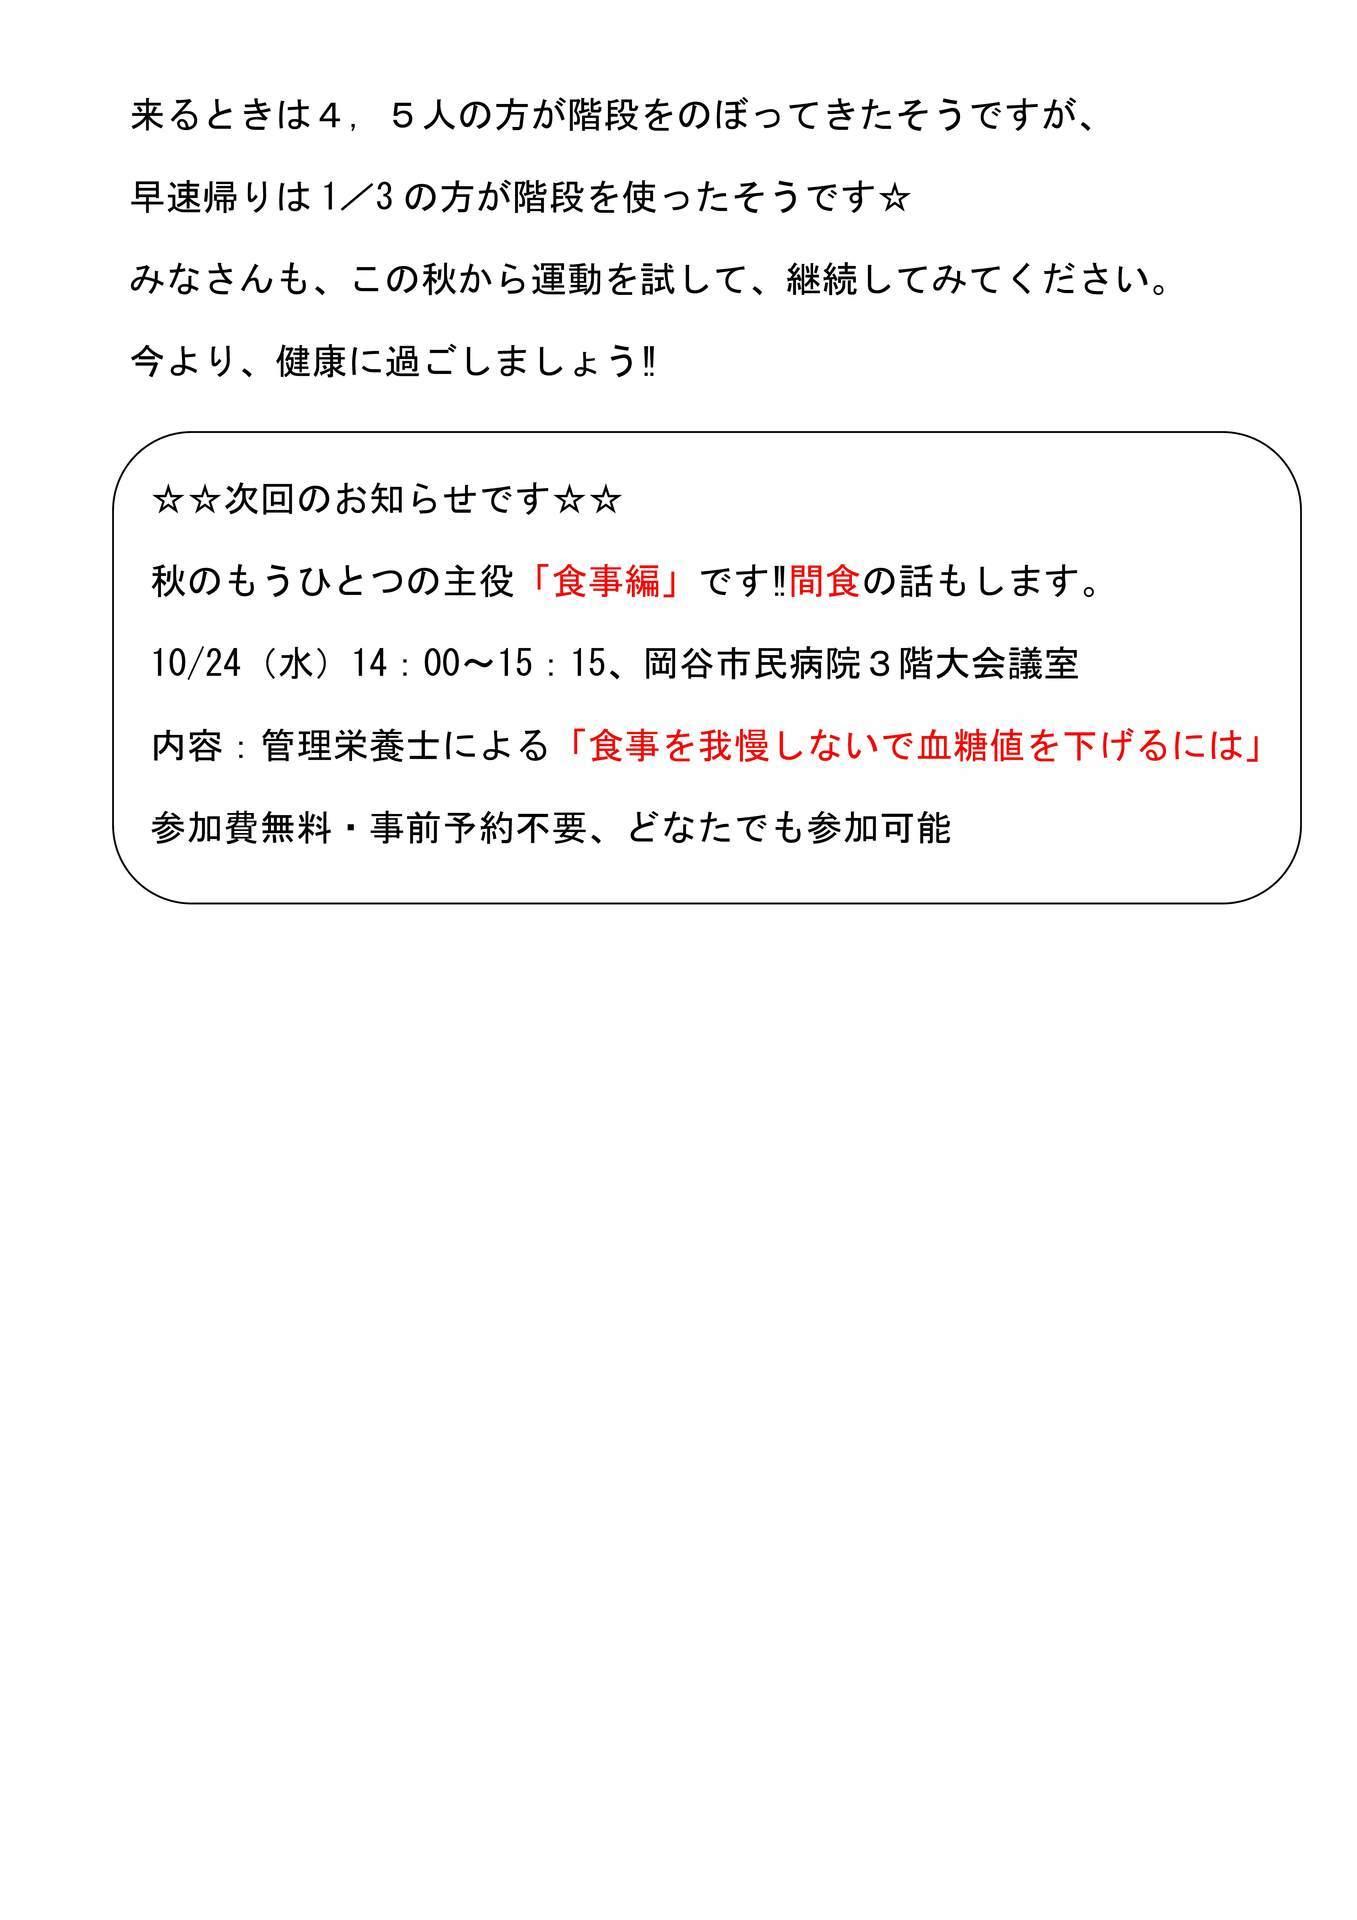 ブログ 9月�C_ページ_4.jpg